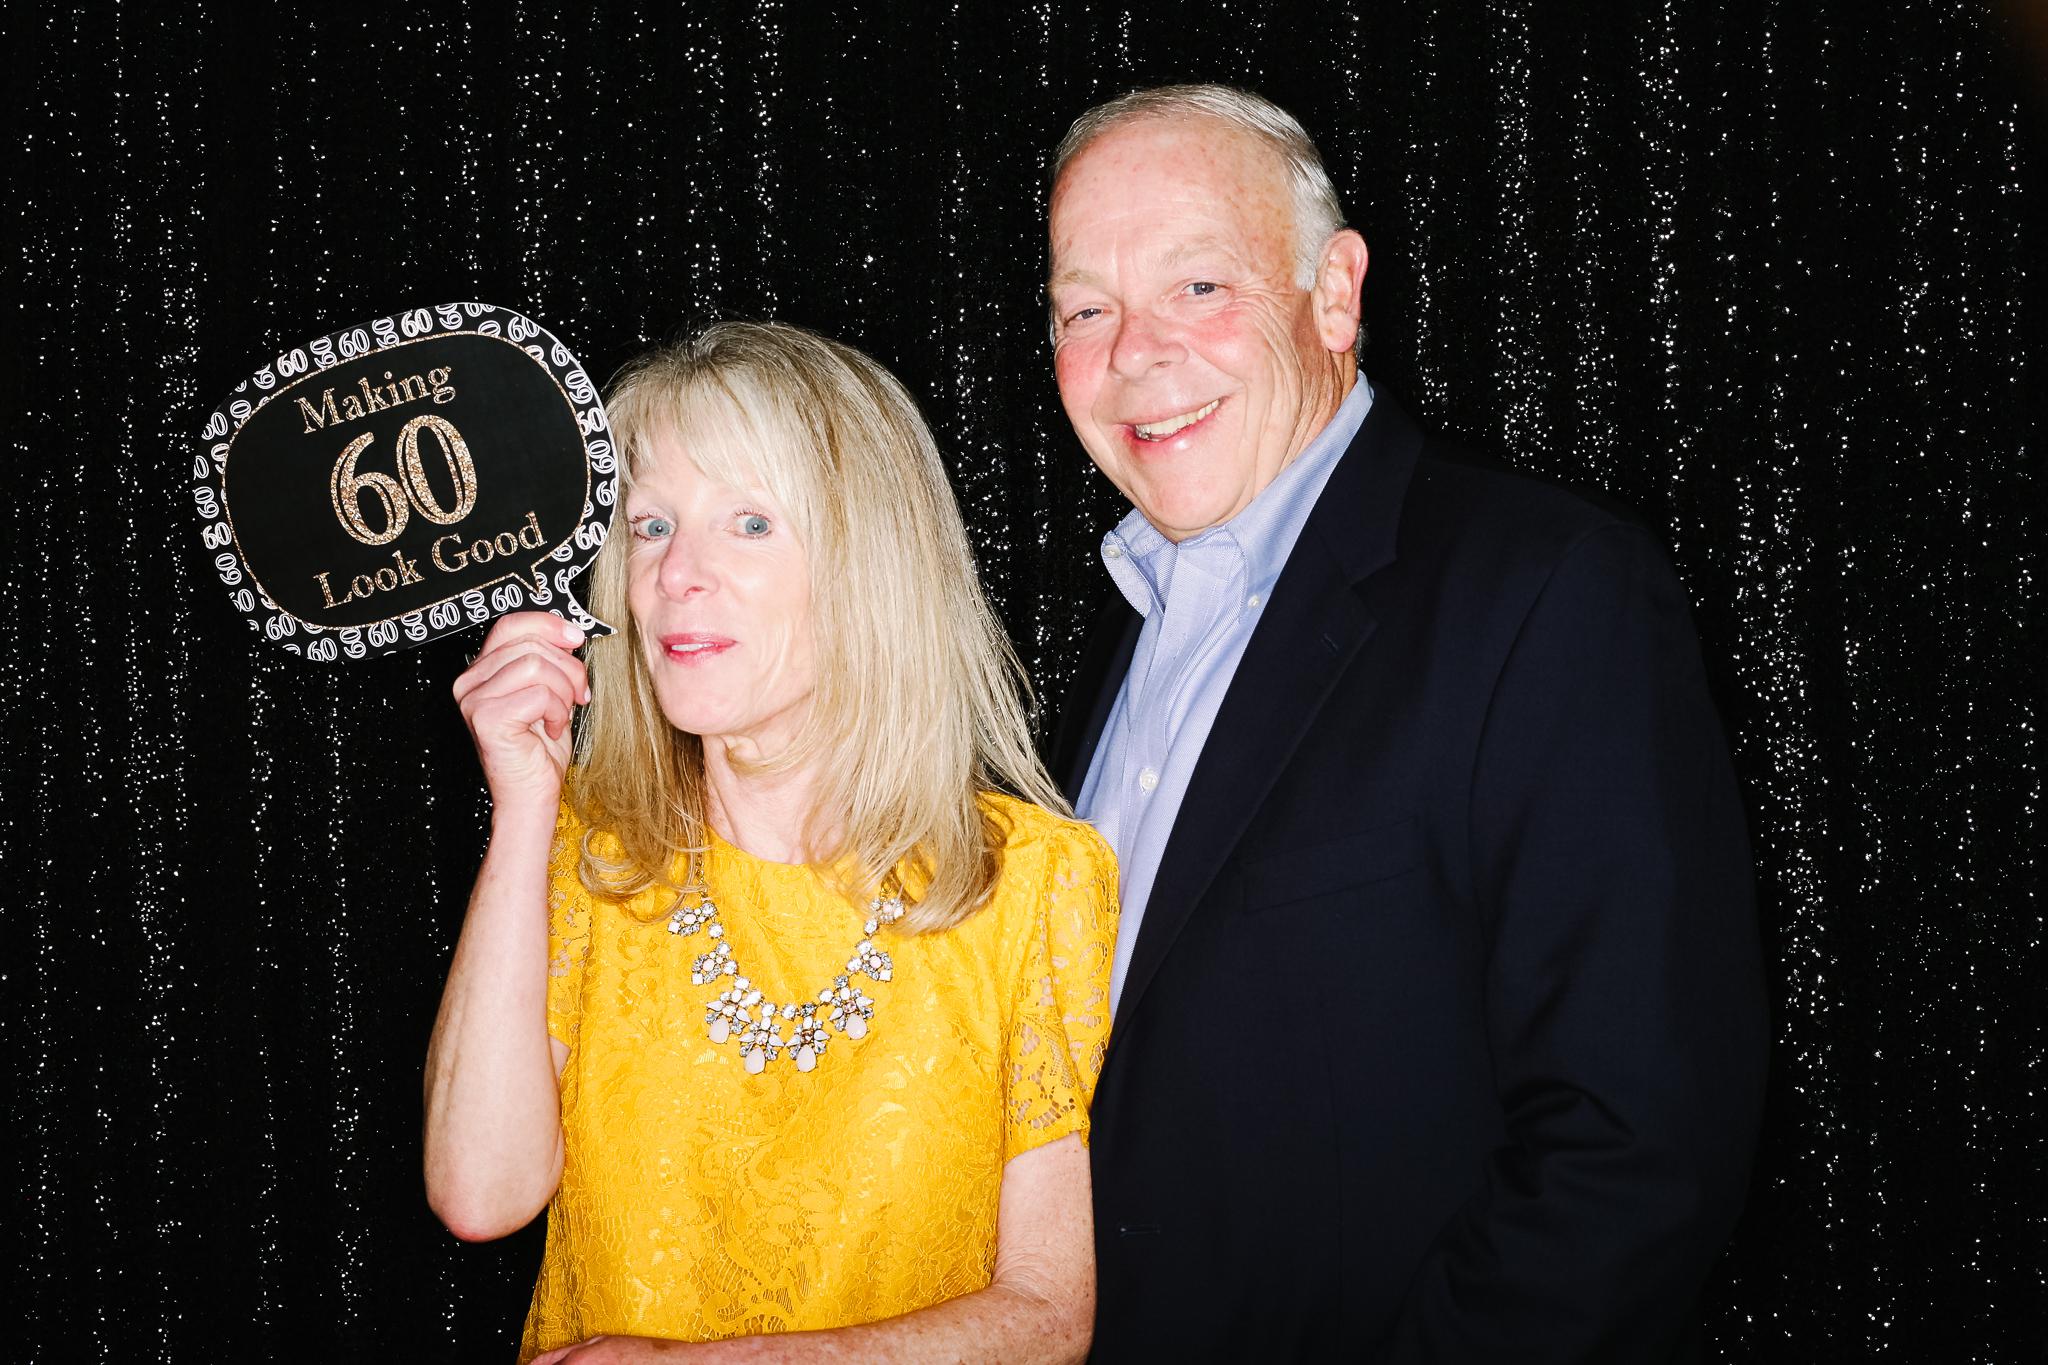 Eileen & Dennis 60th